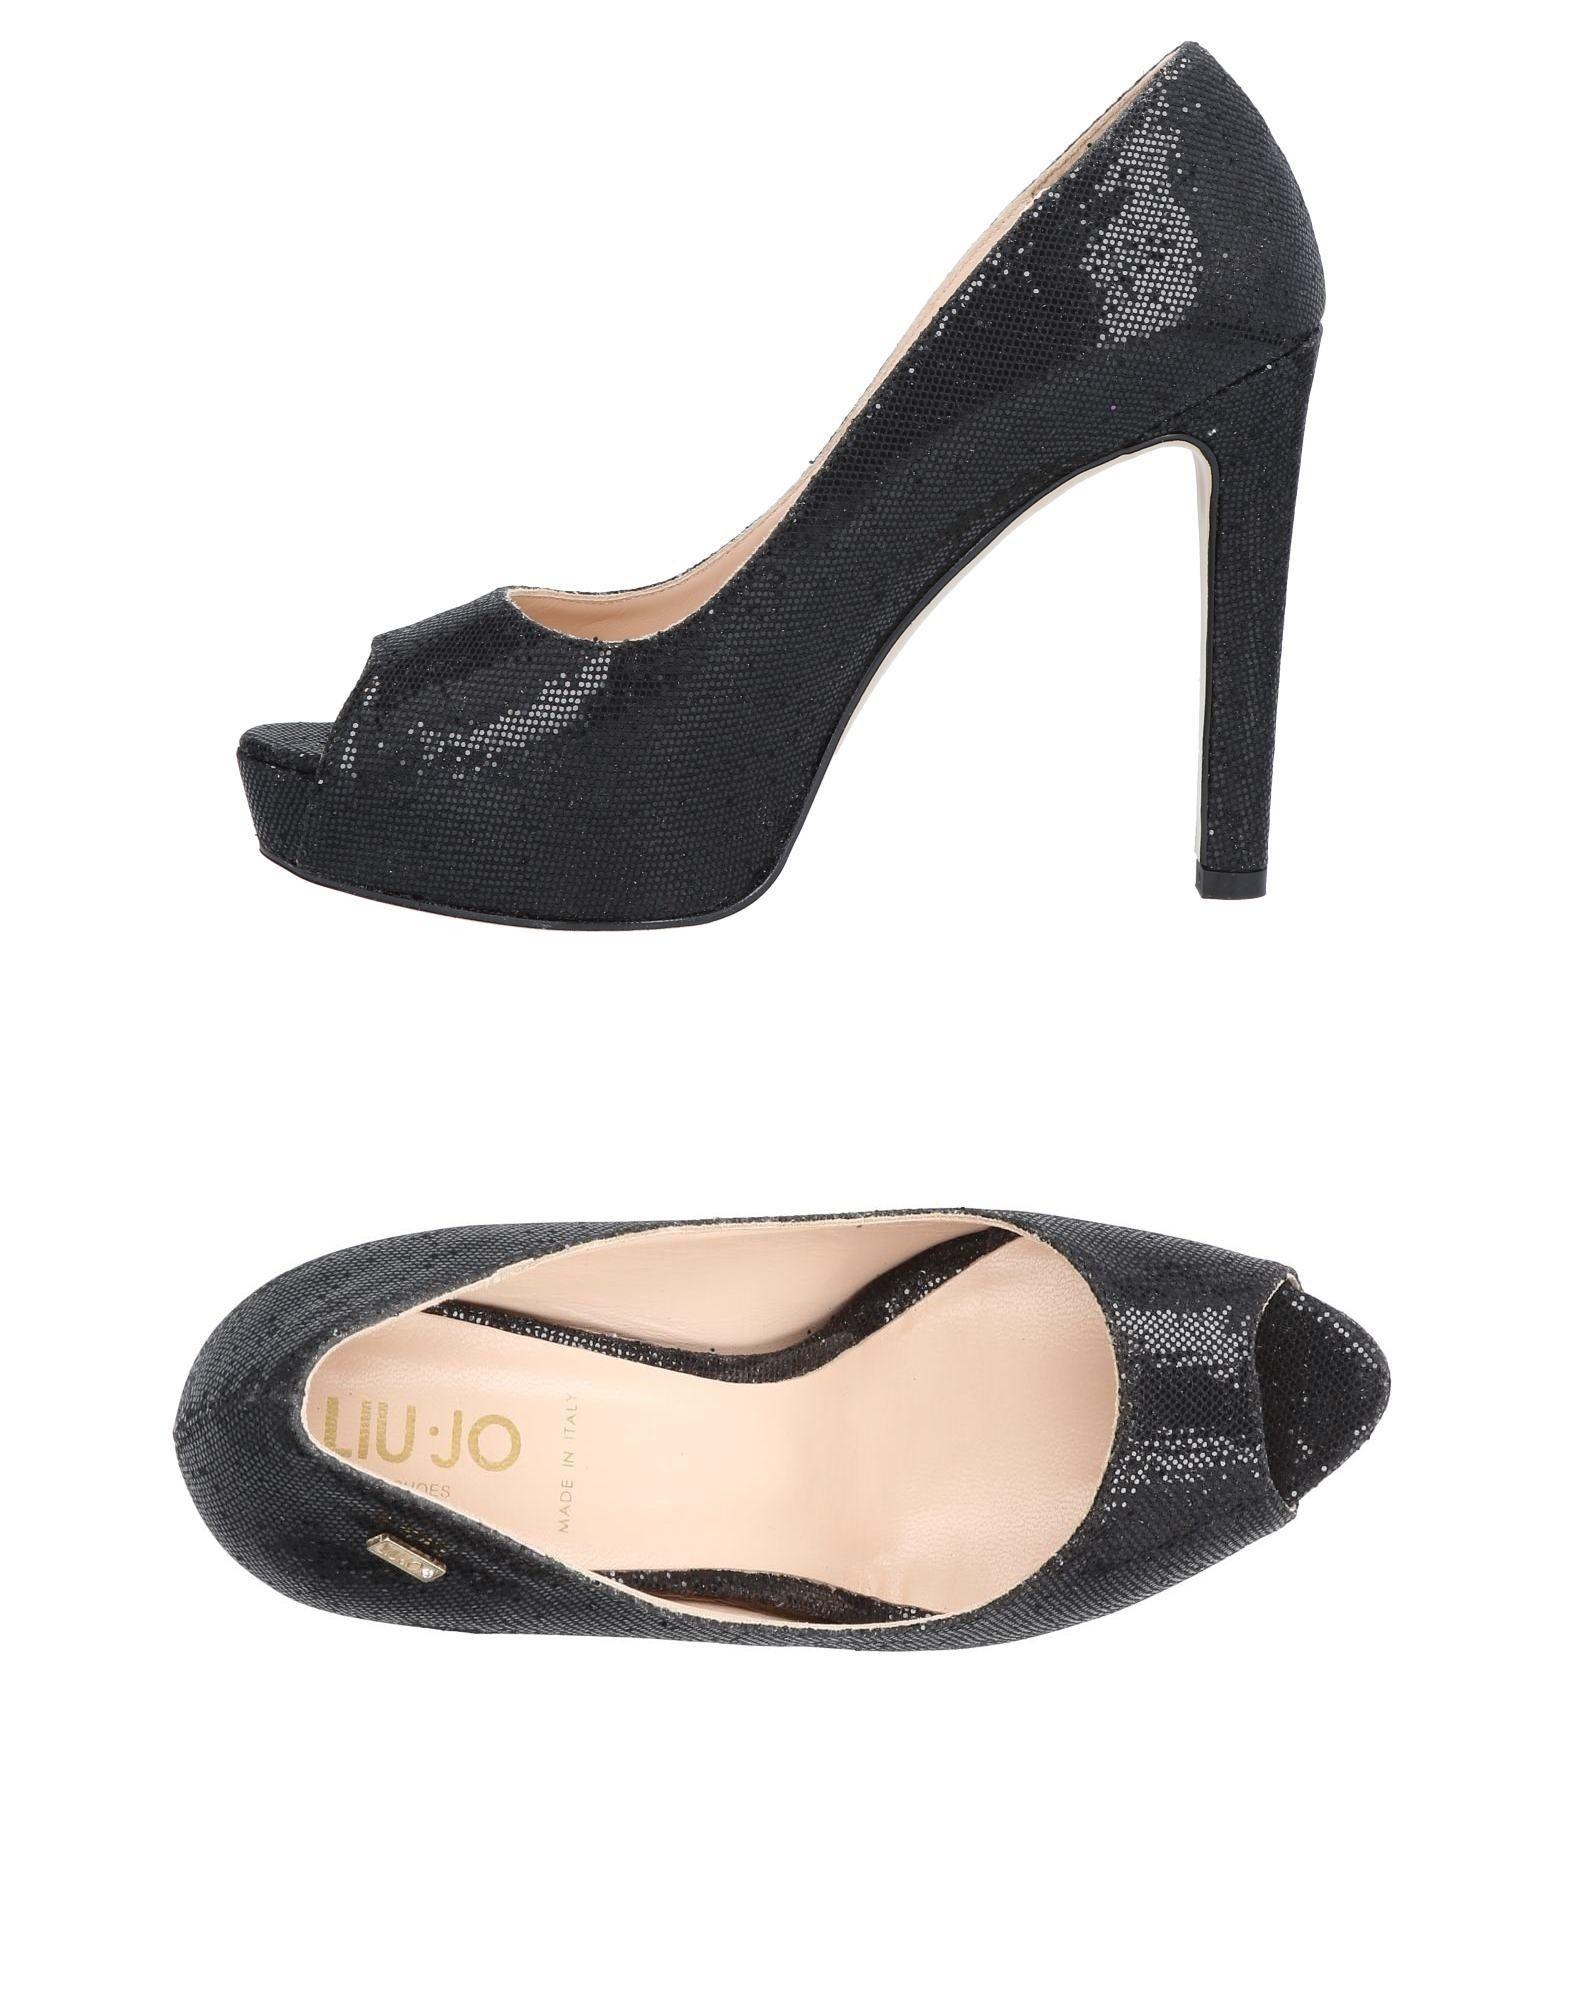 Liu •Jo Shoes Qualität Pumps Damen  11481773OG Gute Qualität Shoes beliebte Schuhe 2484f1